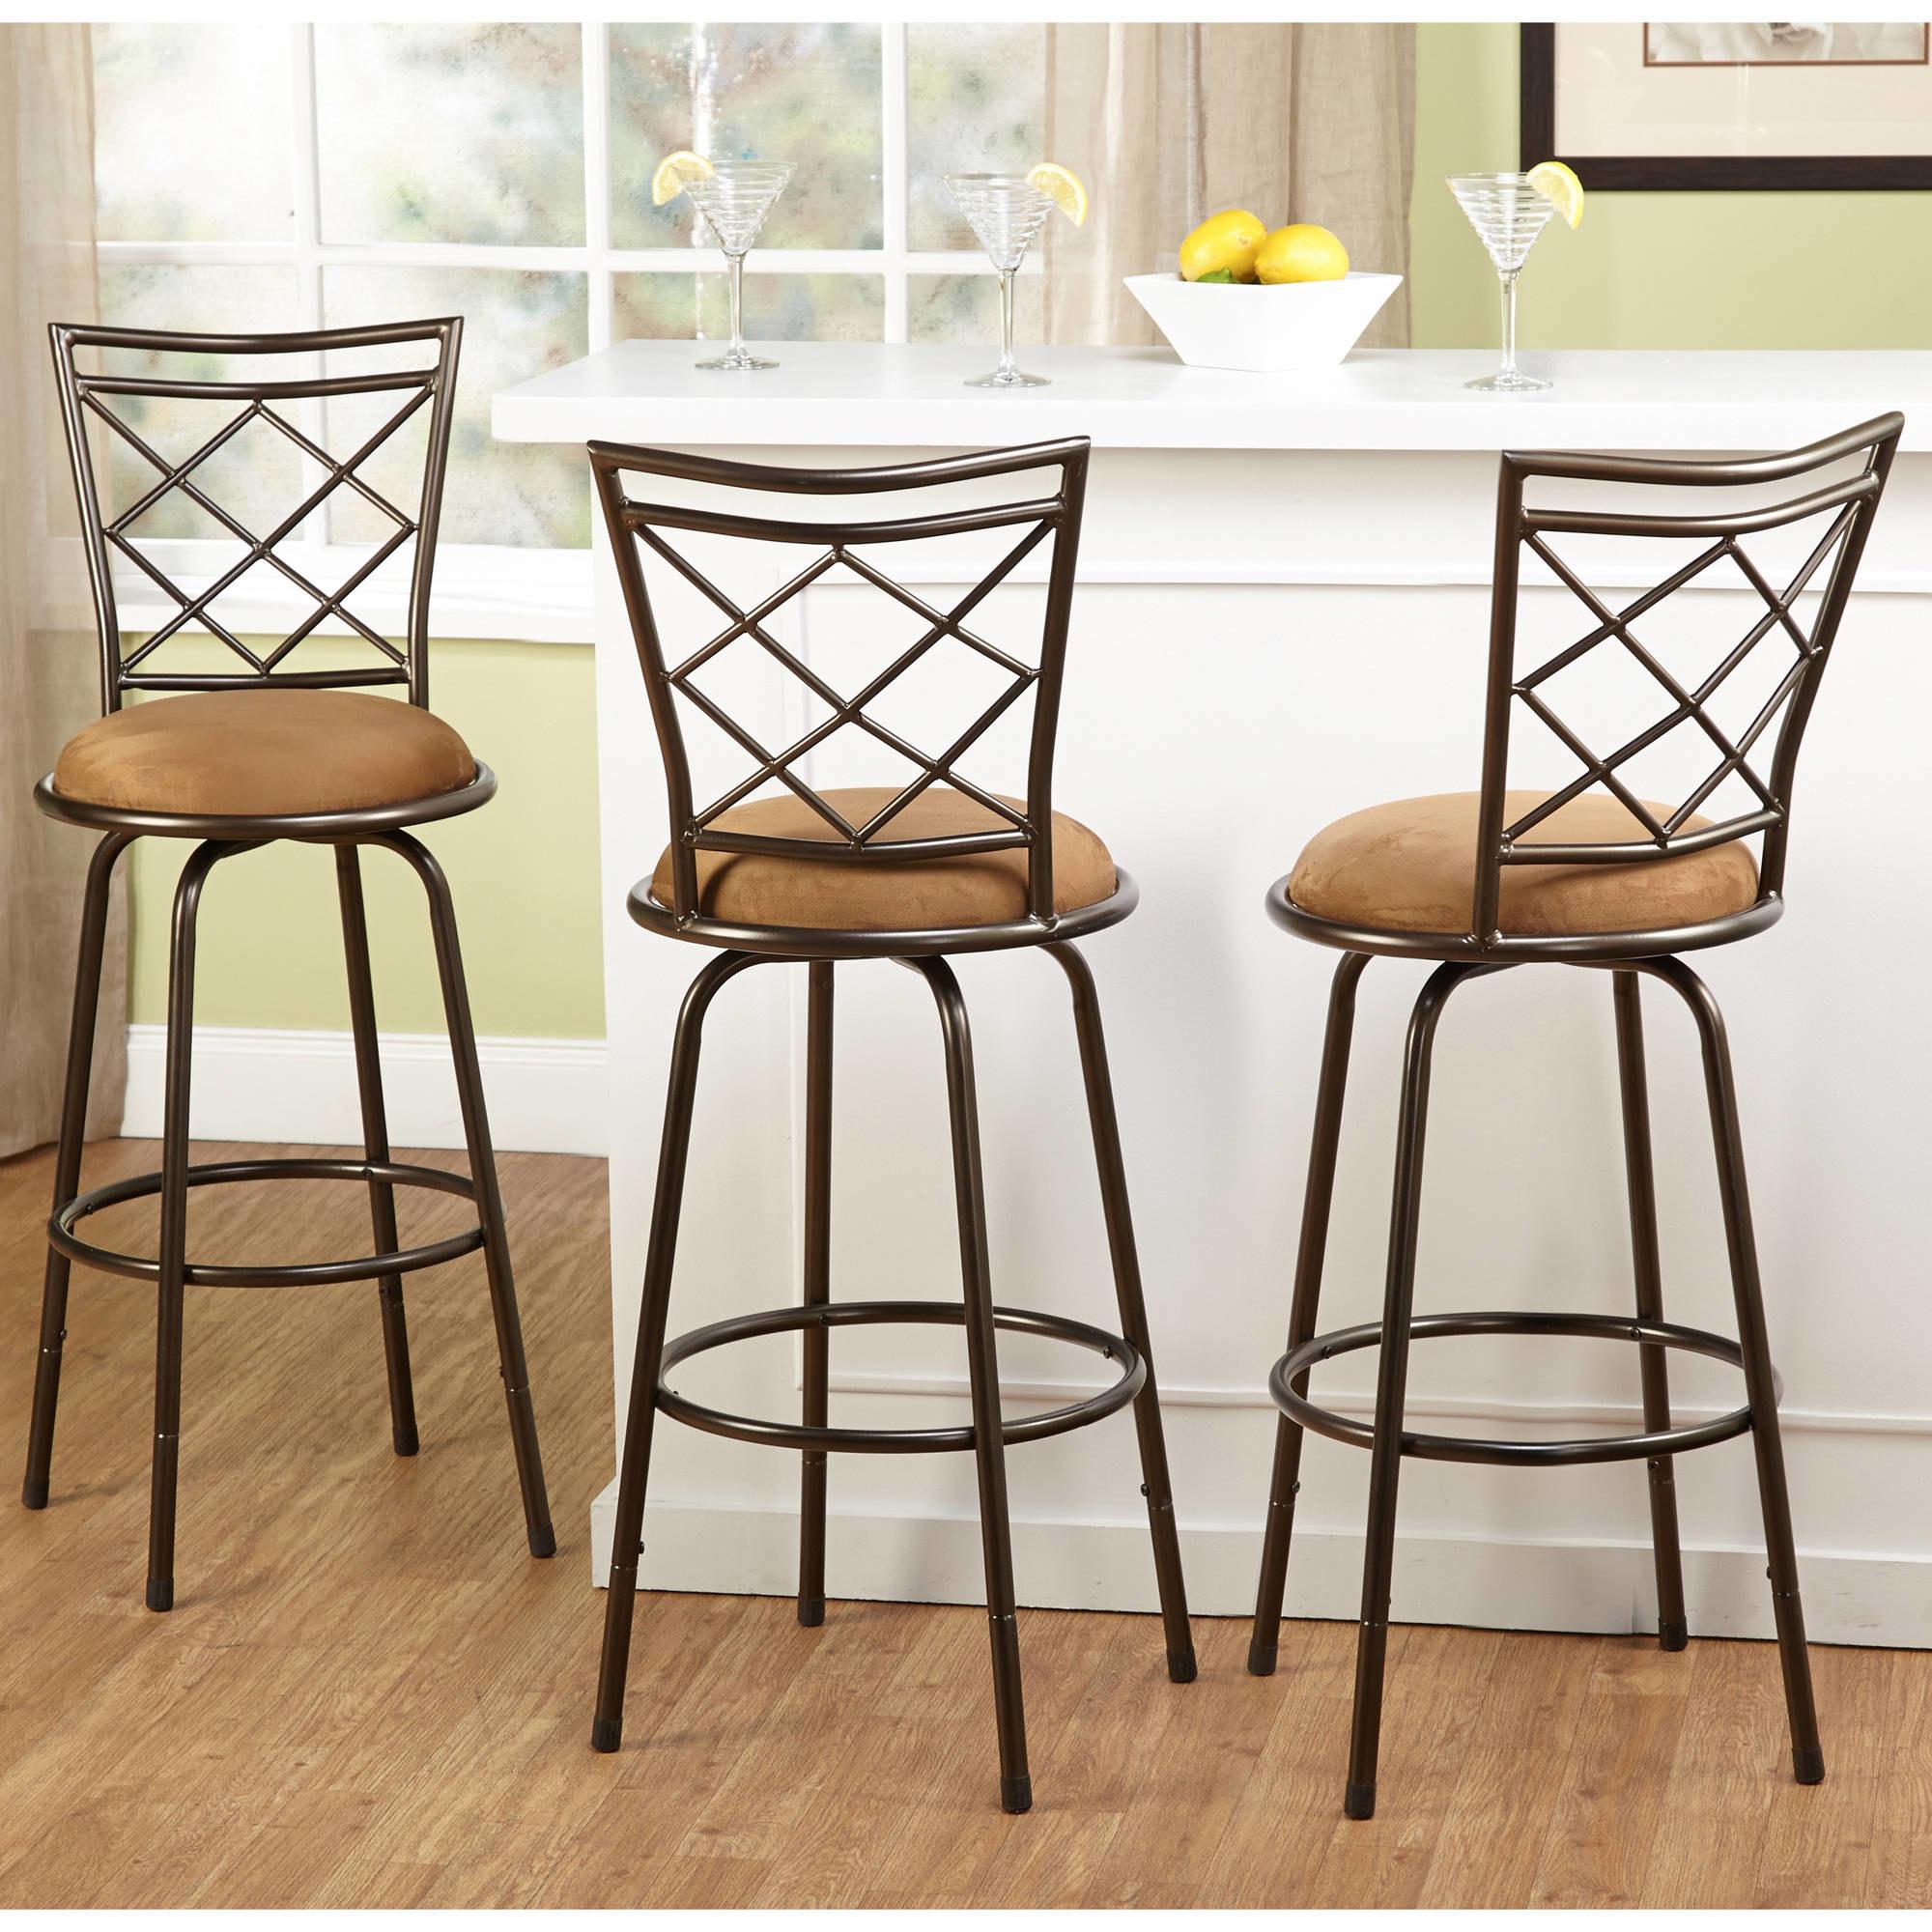 three bar stools at a kitchen bar